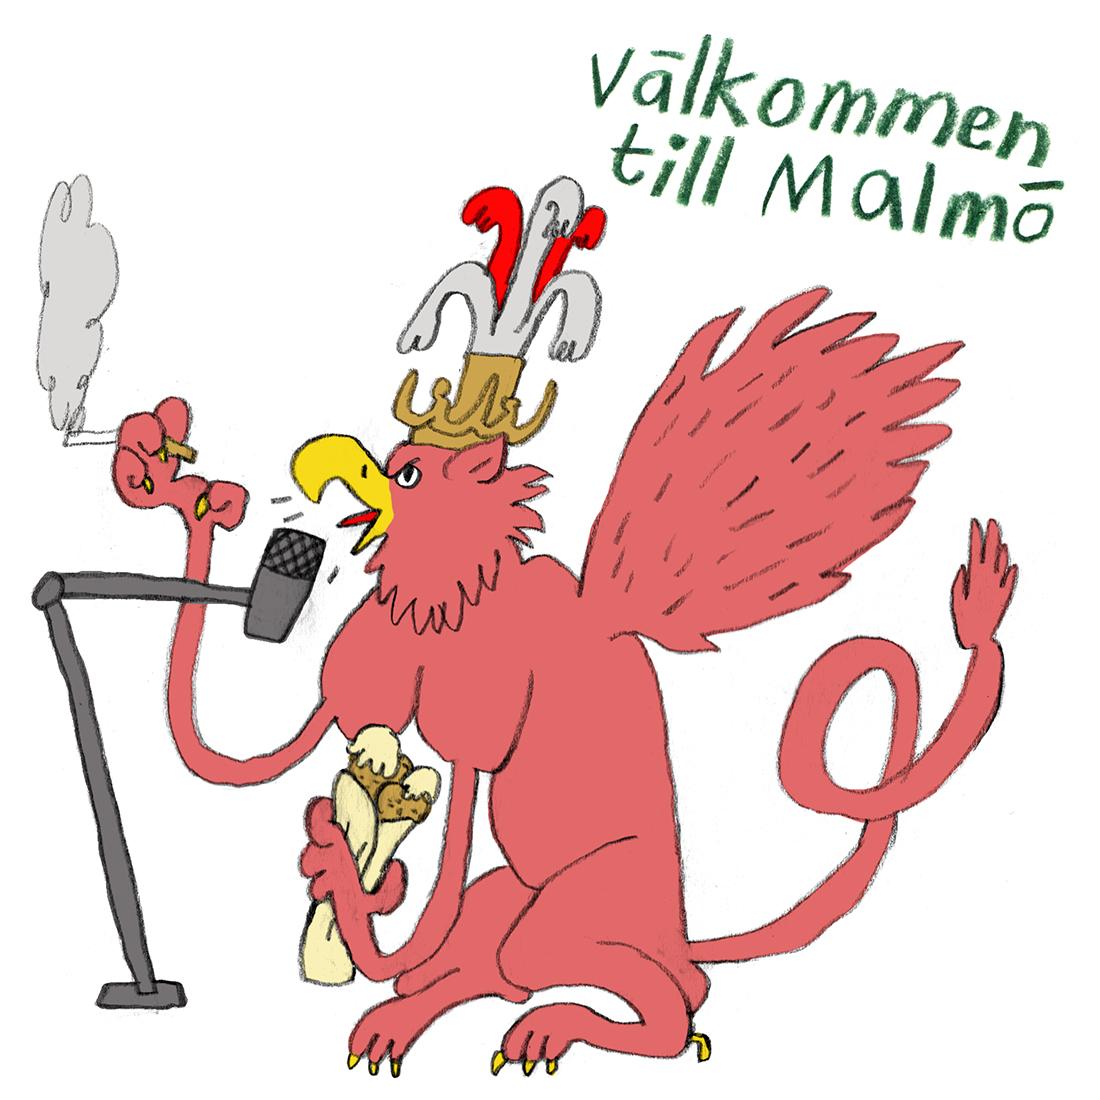 Välkommen till Malmö #39: Jobba hårt, chilla hårt